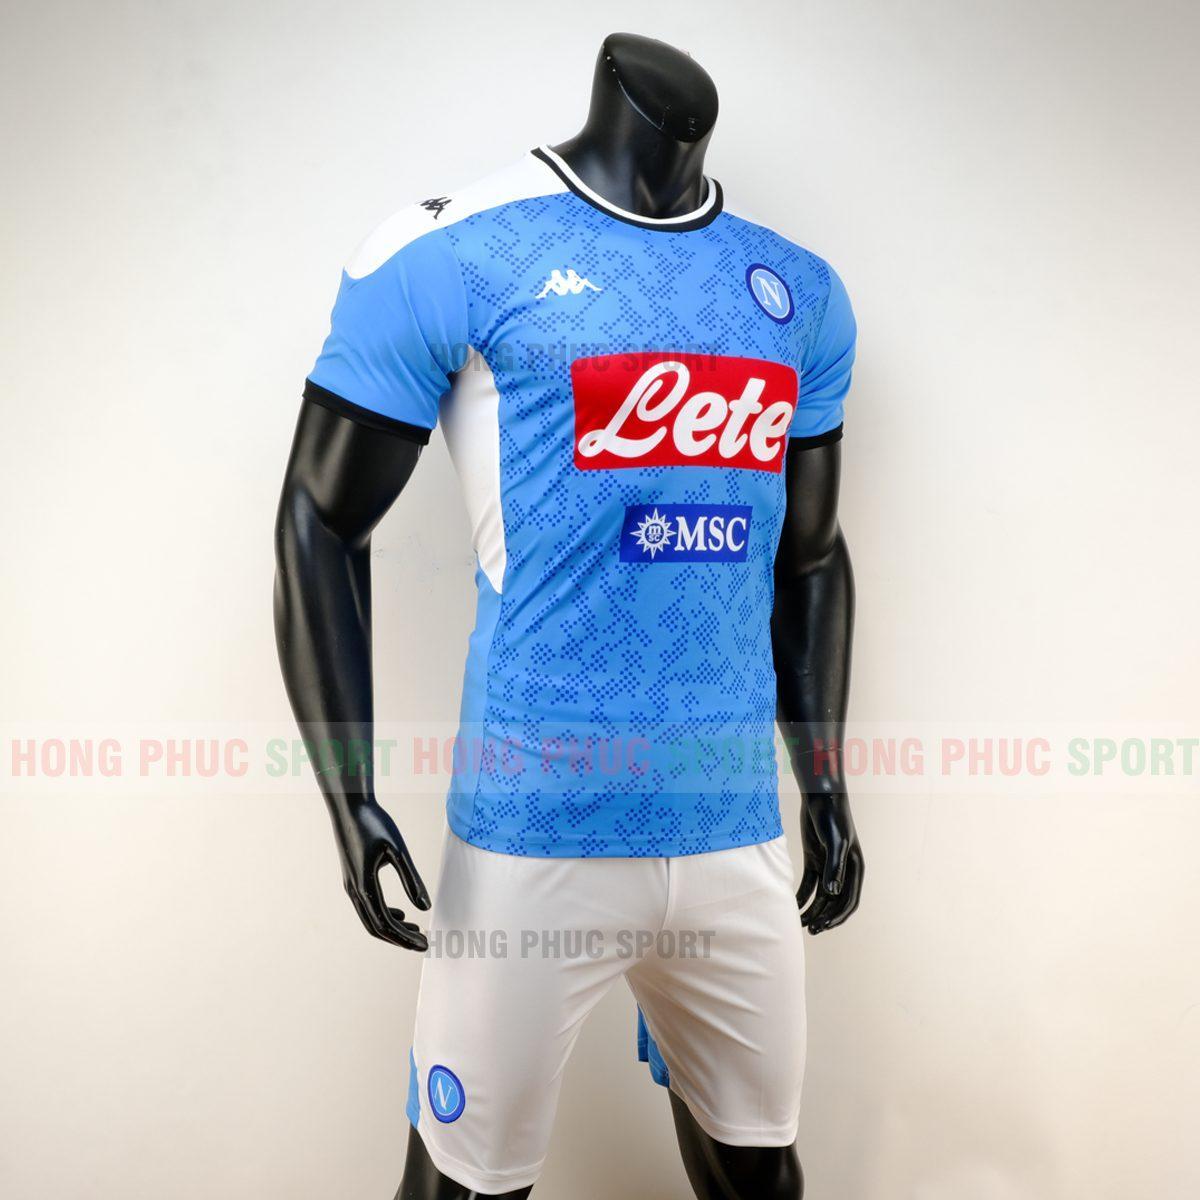 Áo đá bóng Napoli sân nhà 2019 2020 màu xanh lam